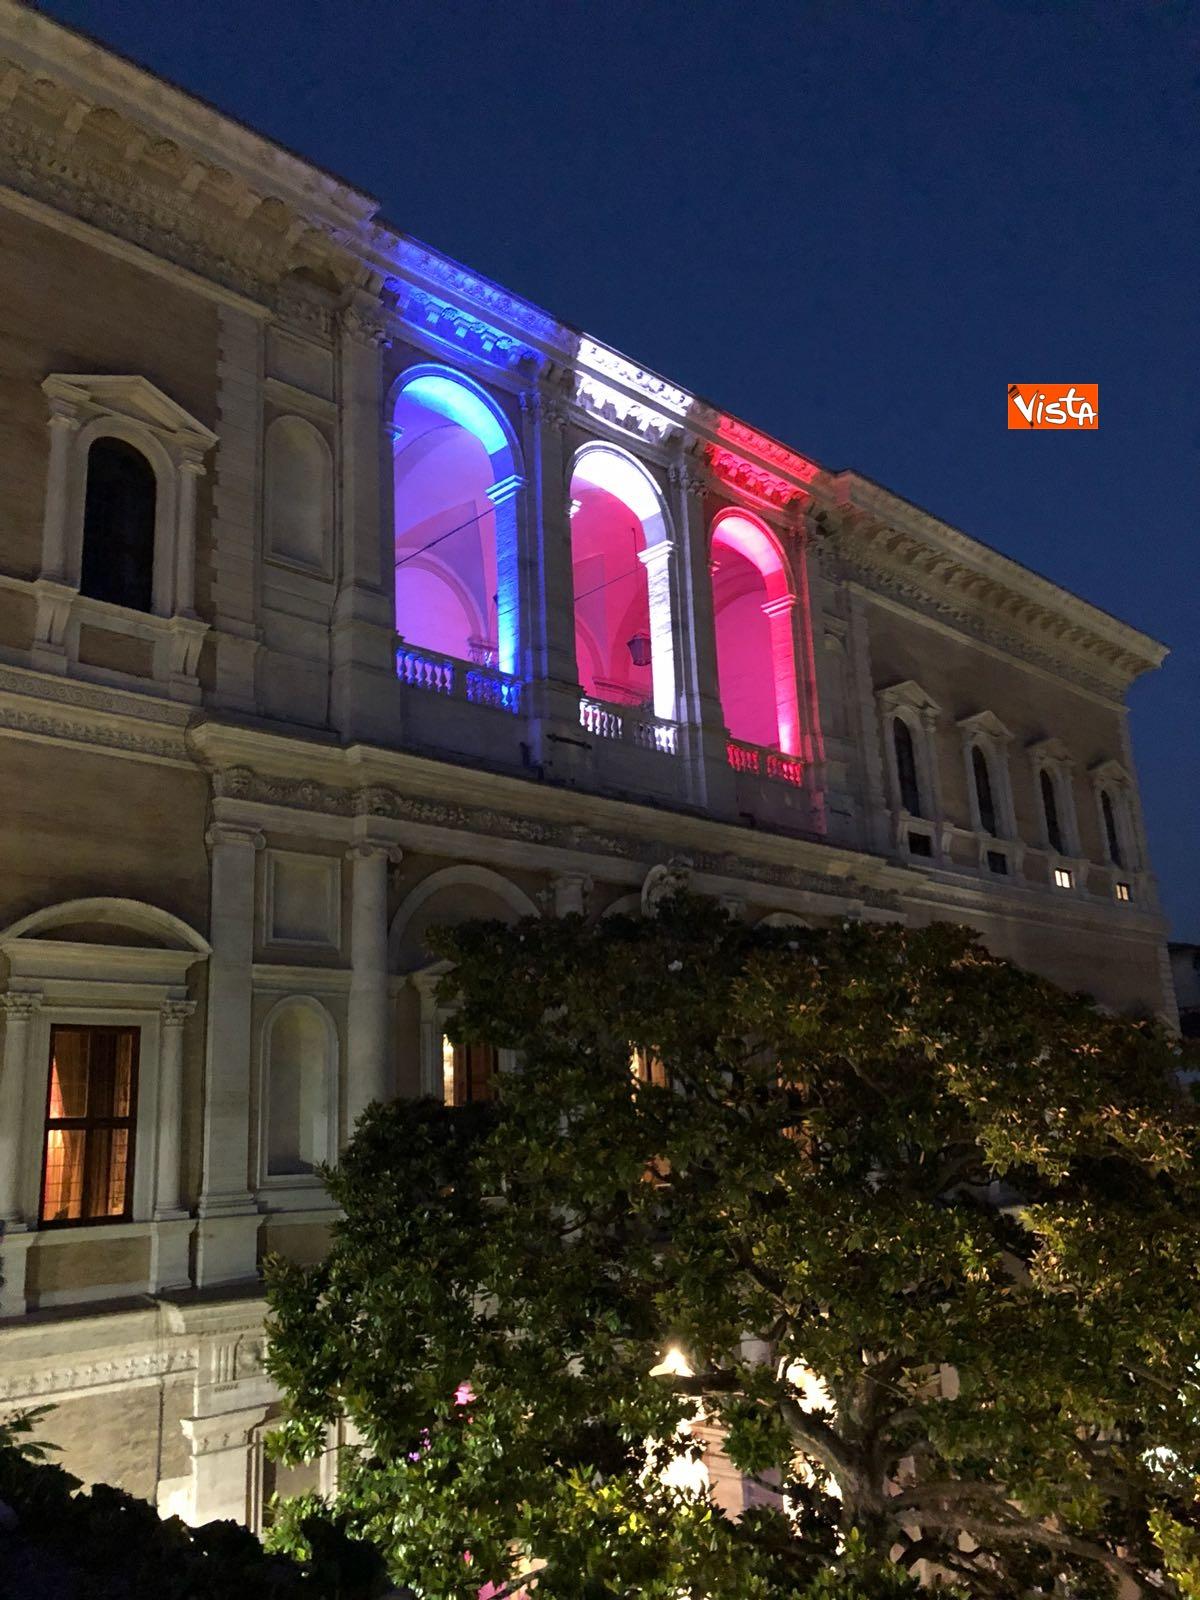 14-07-18 14 Luglio all'Ambasciata francese, nel cortile risuona l'Inno di Mameli_14